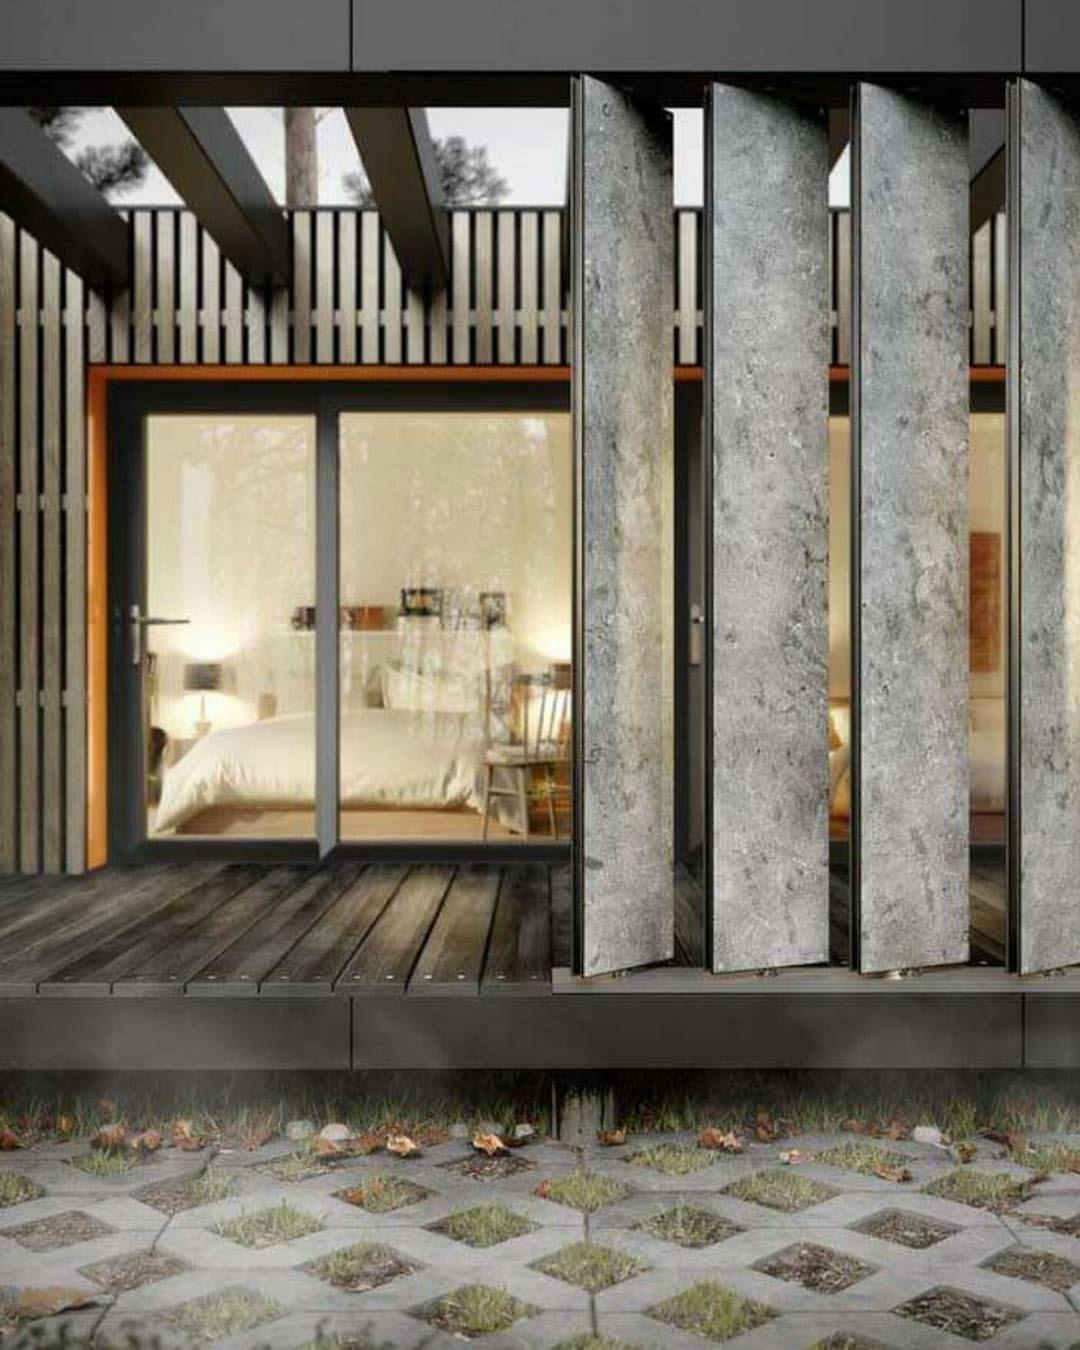 Architecture Design, House